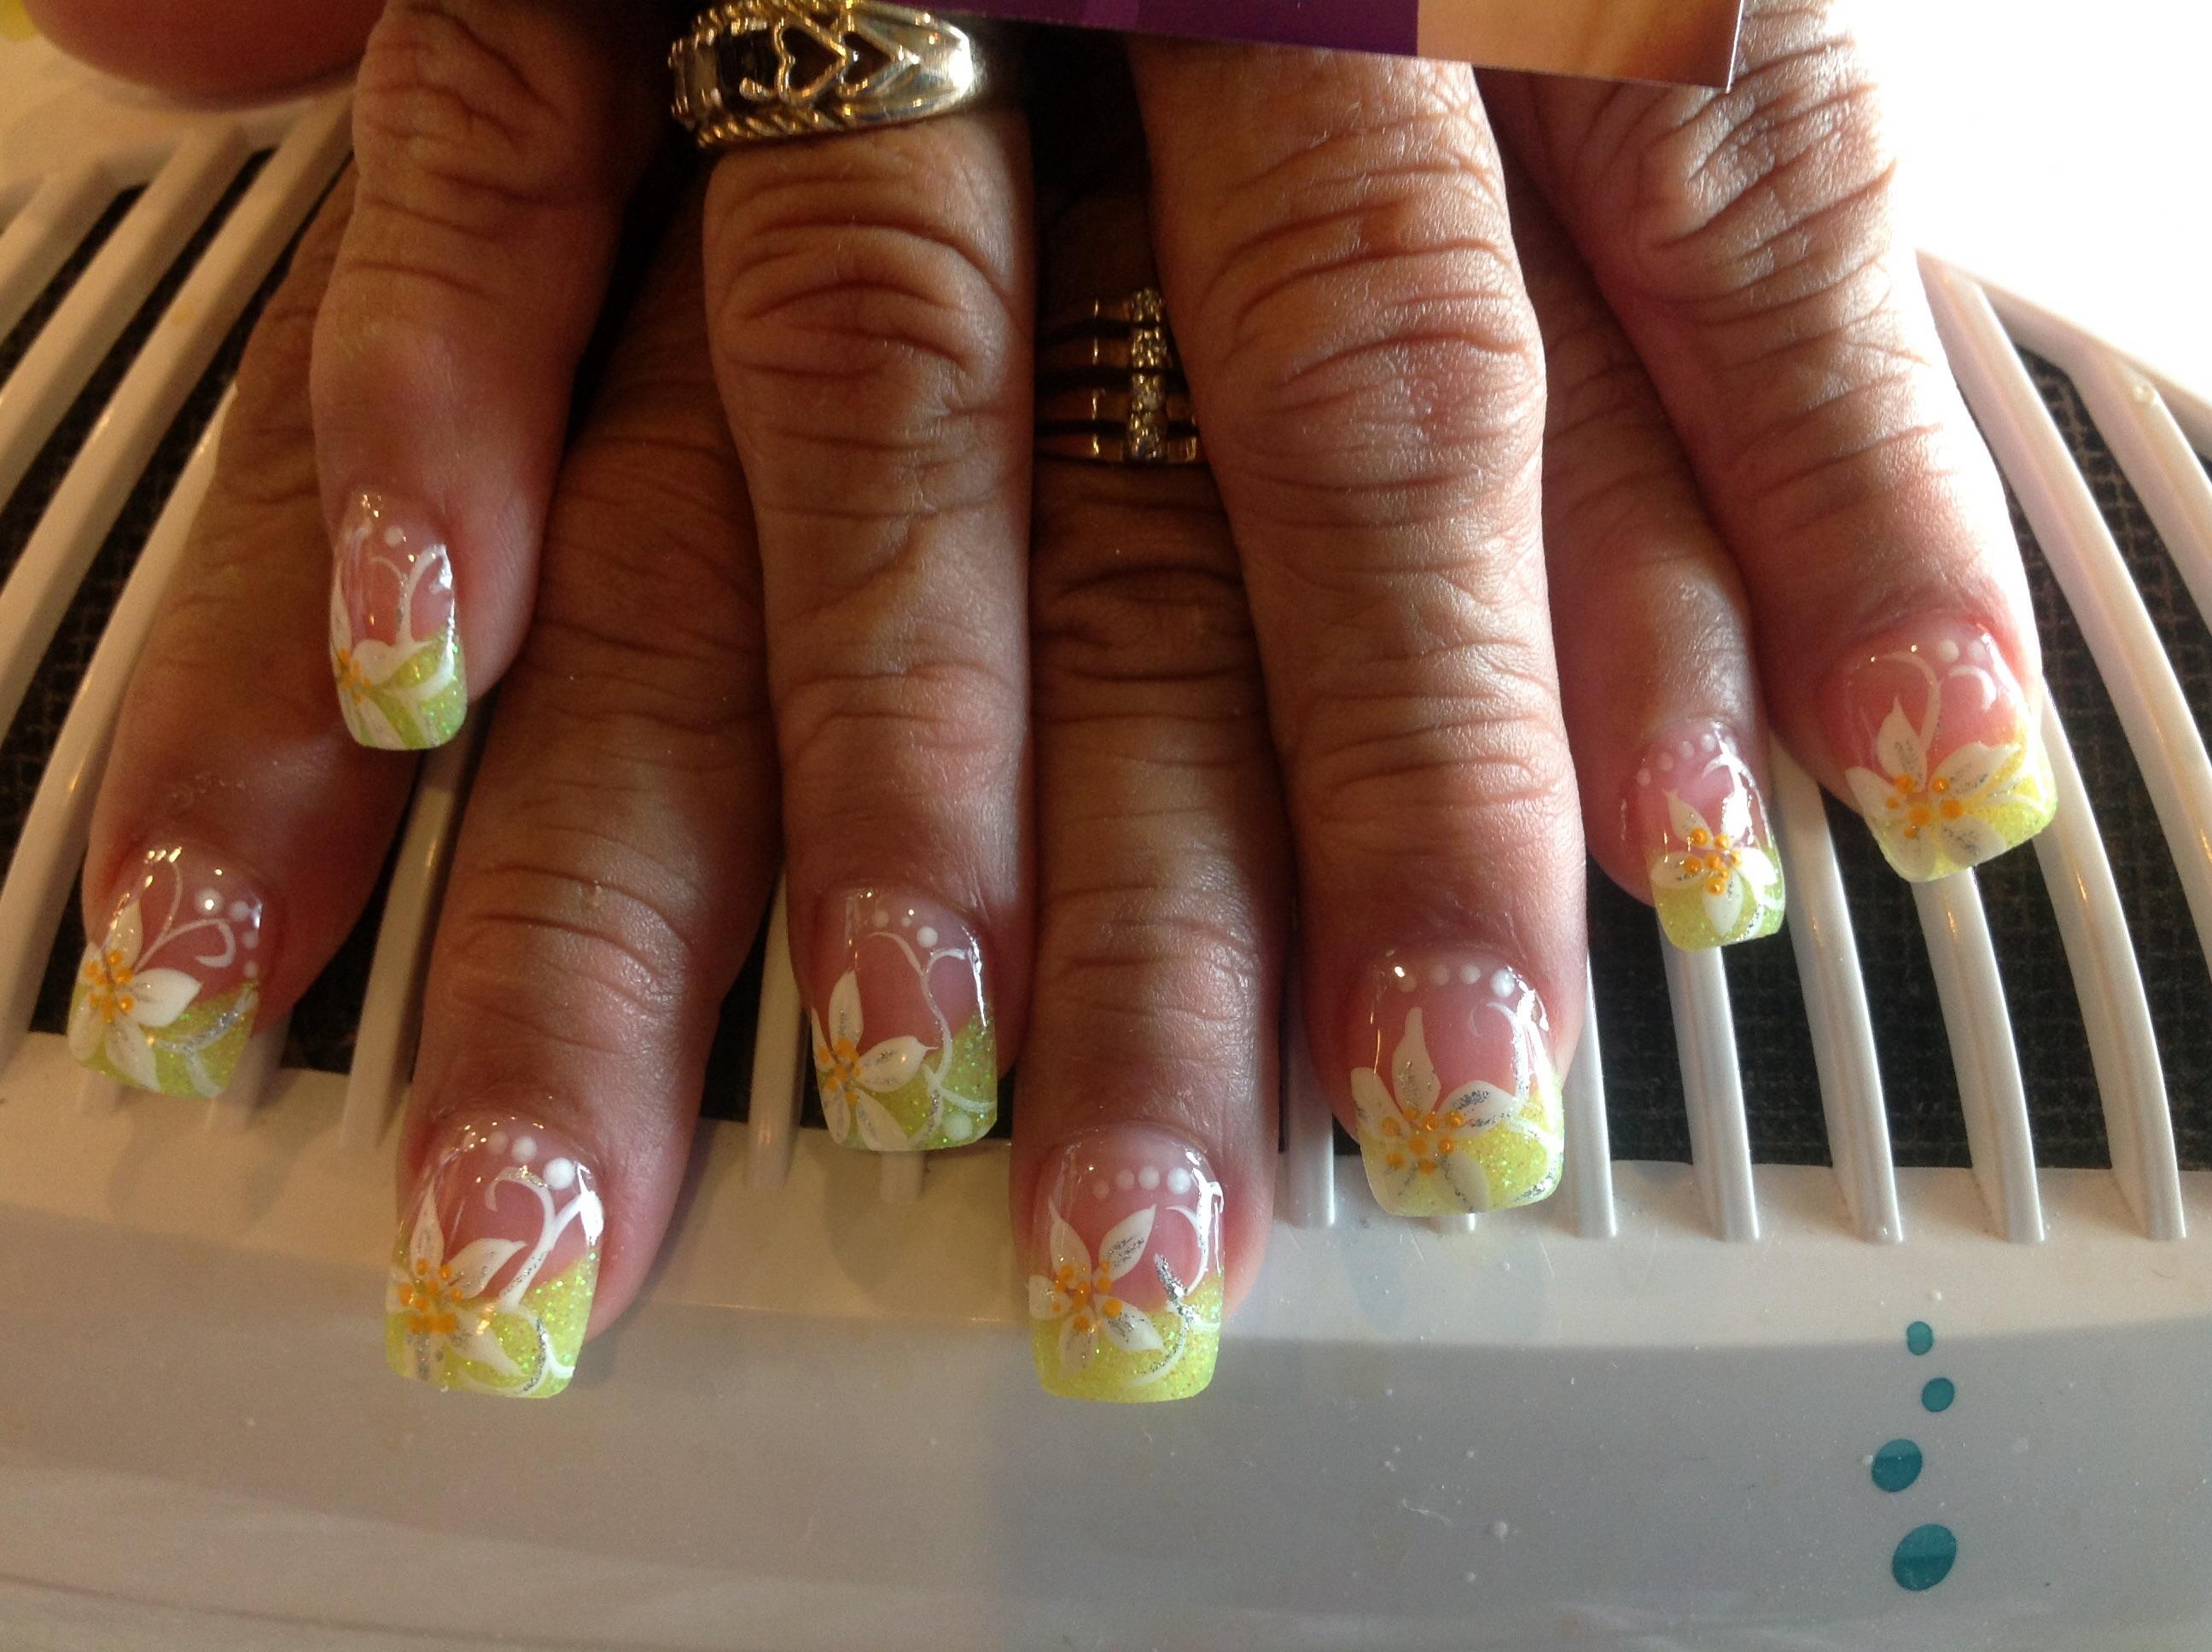 Best Nails & Spa 10101 Slide Rd Ste 300, Lubbock, TX 79424 - YP.com